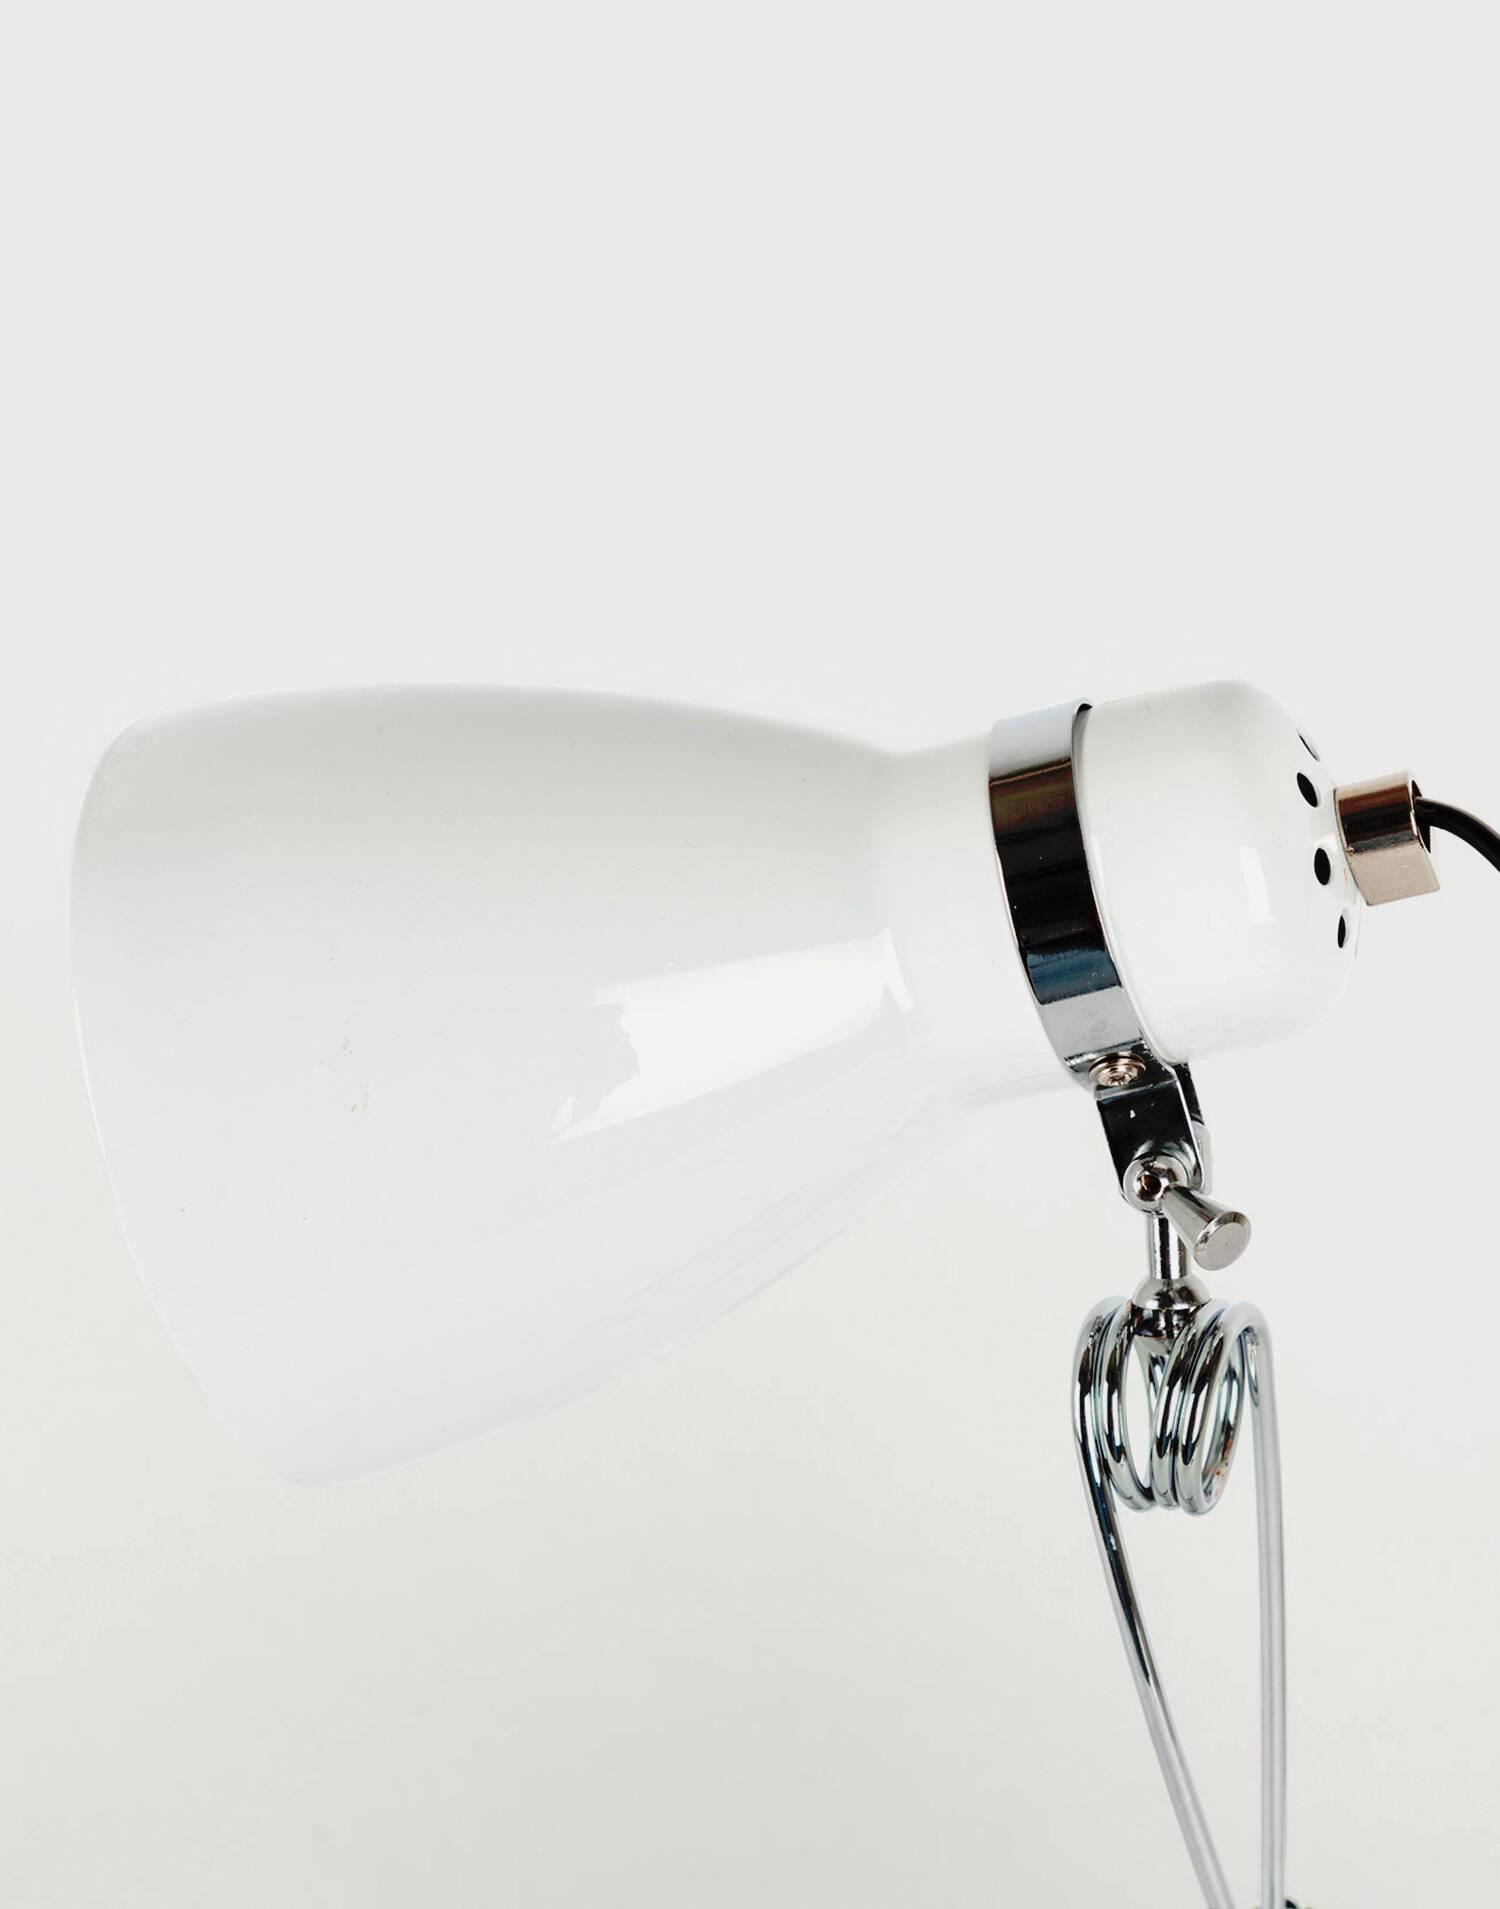 Cone clamp lamp